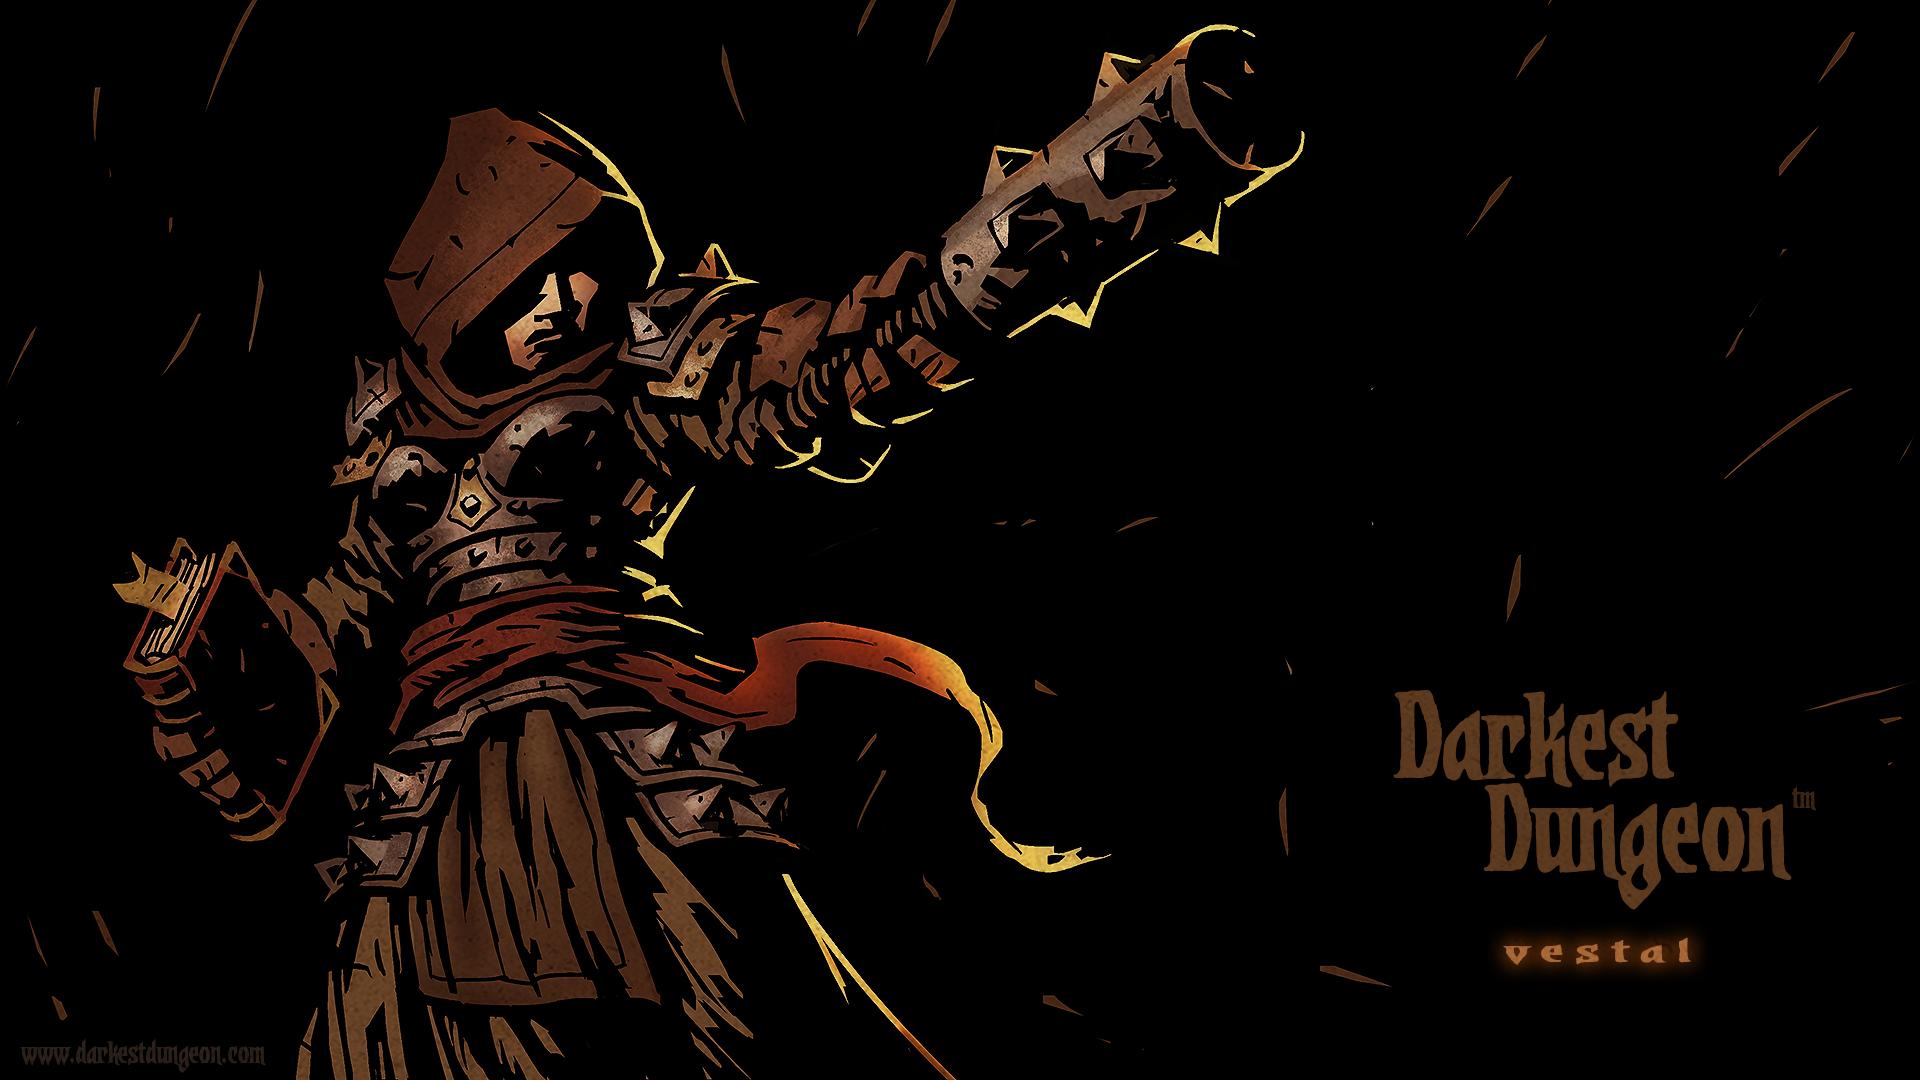 Darkest dungeon целебные травы